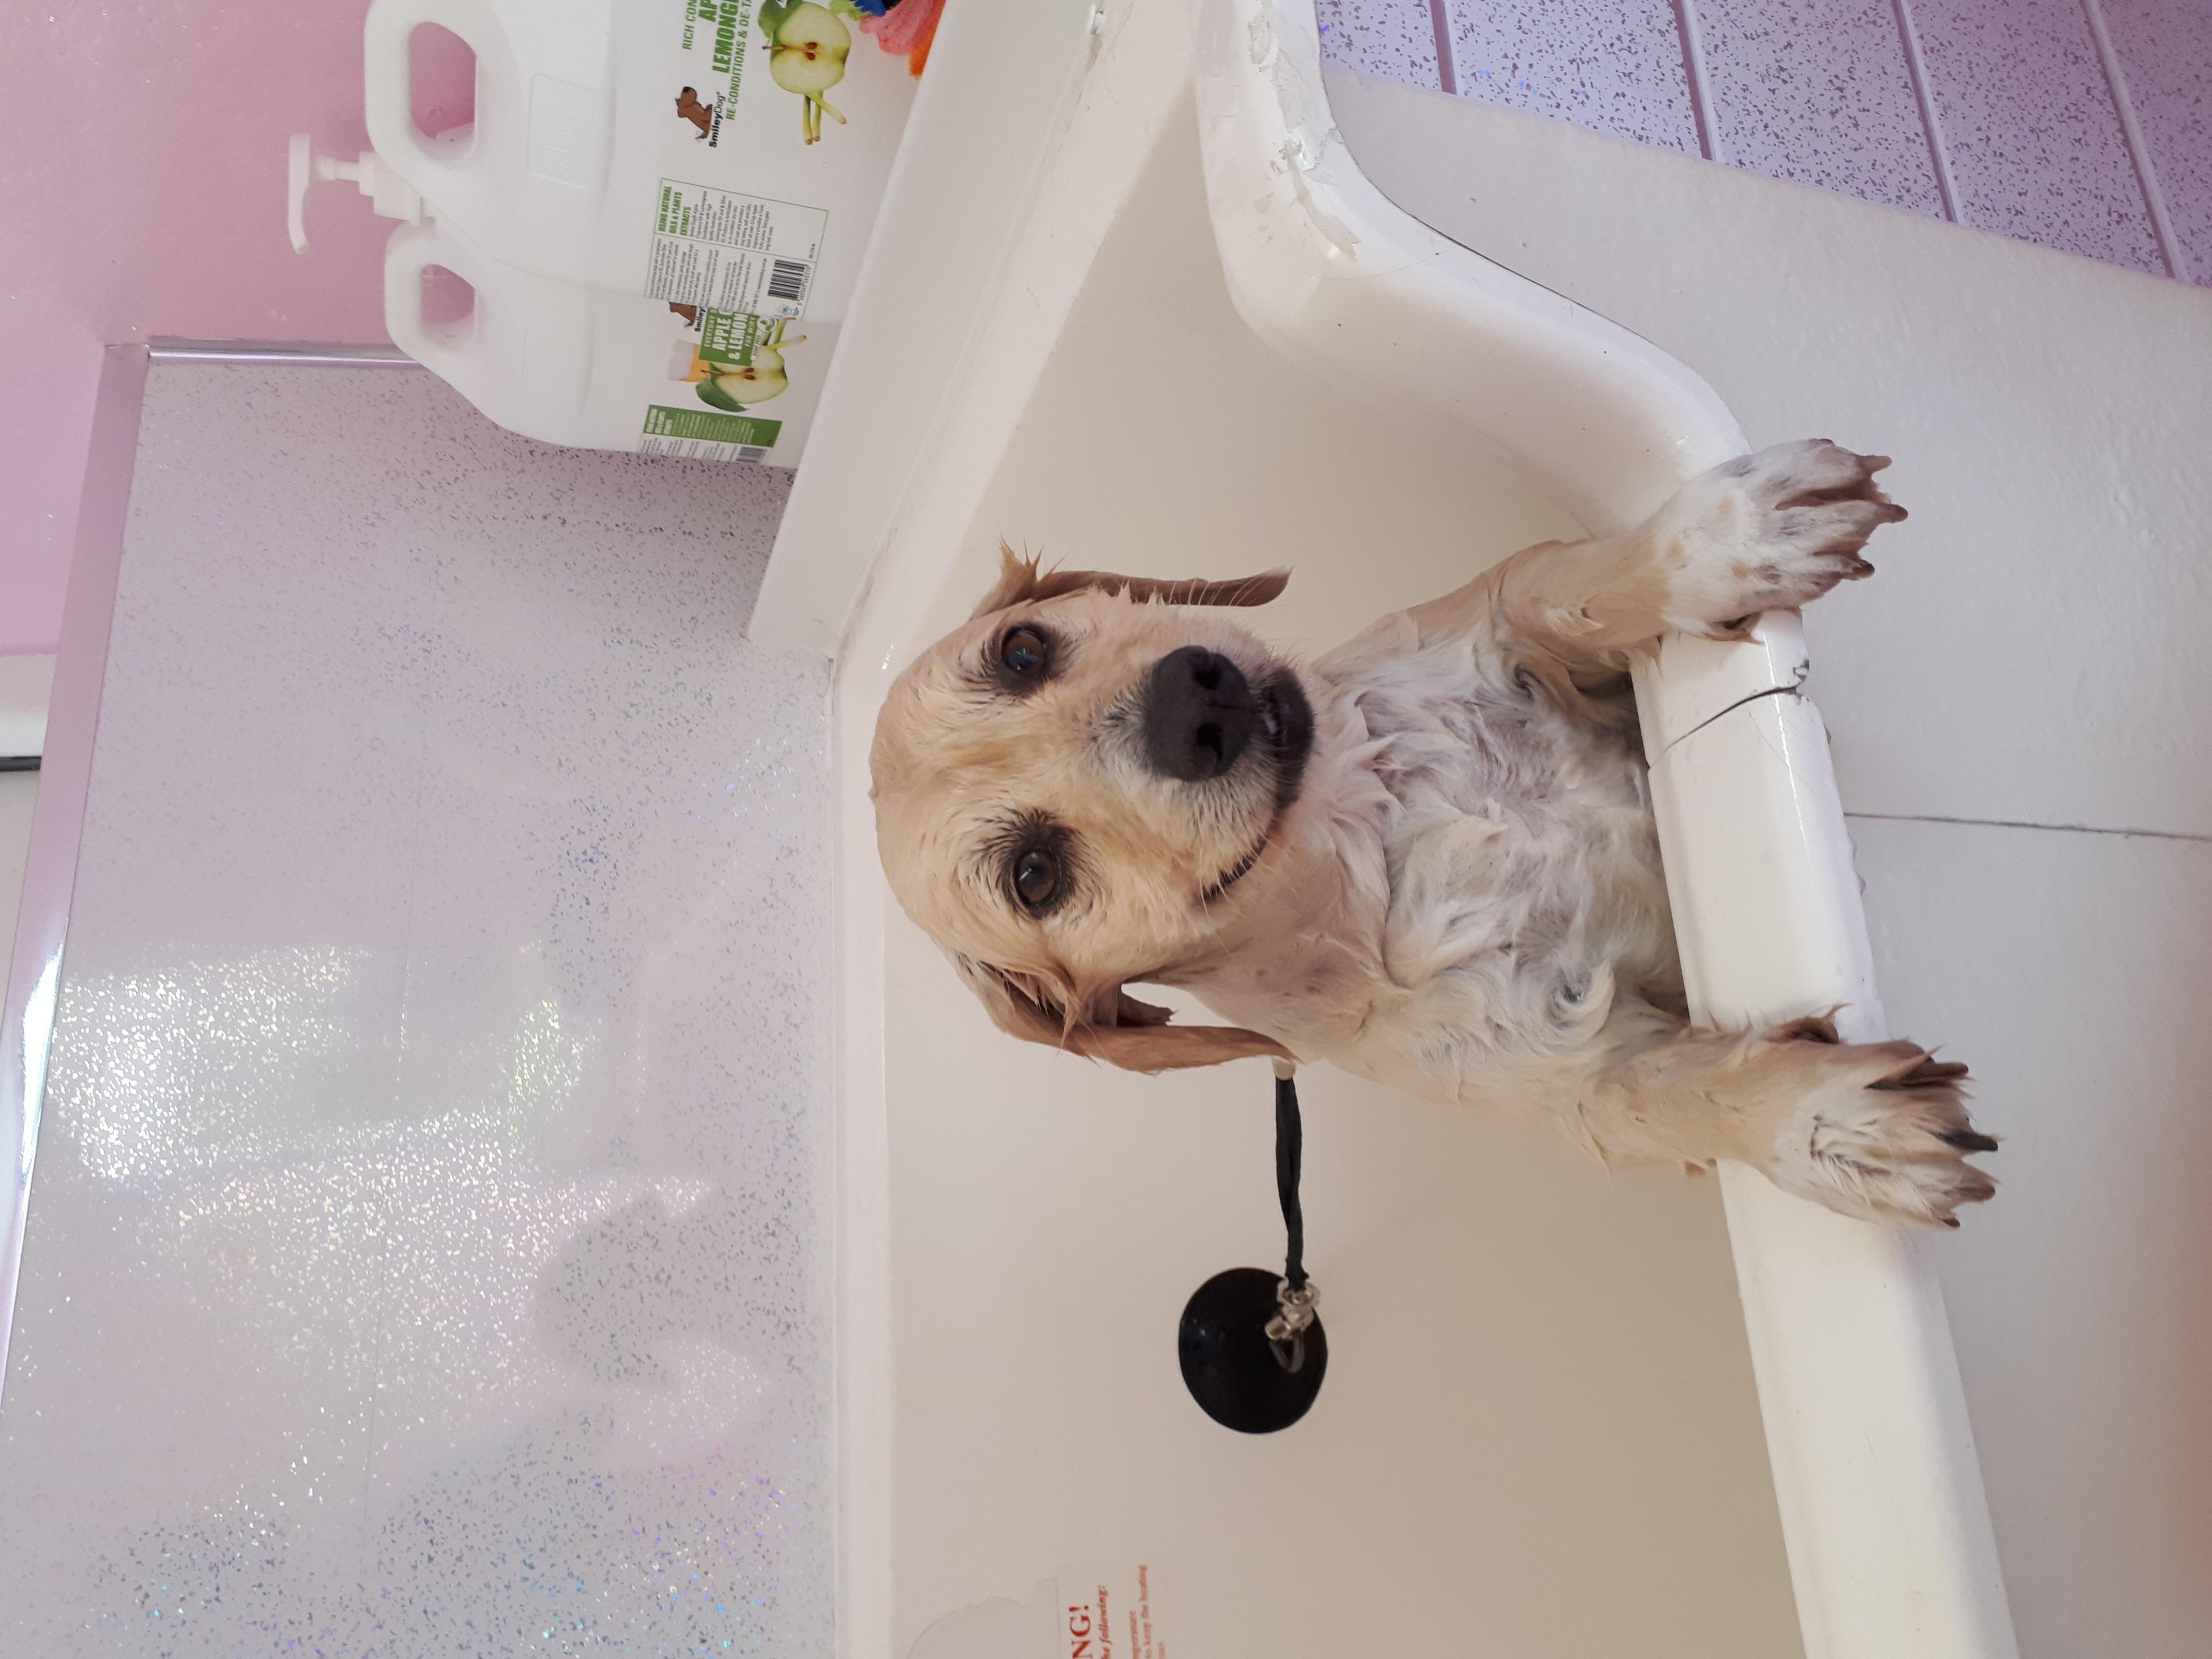 Marley enjoying a wash